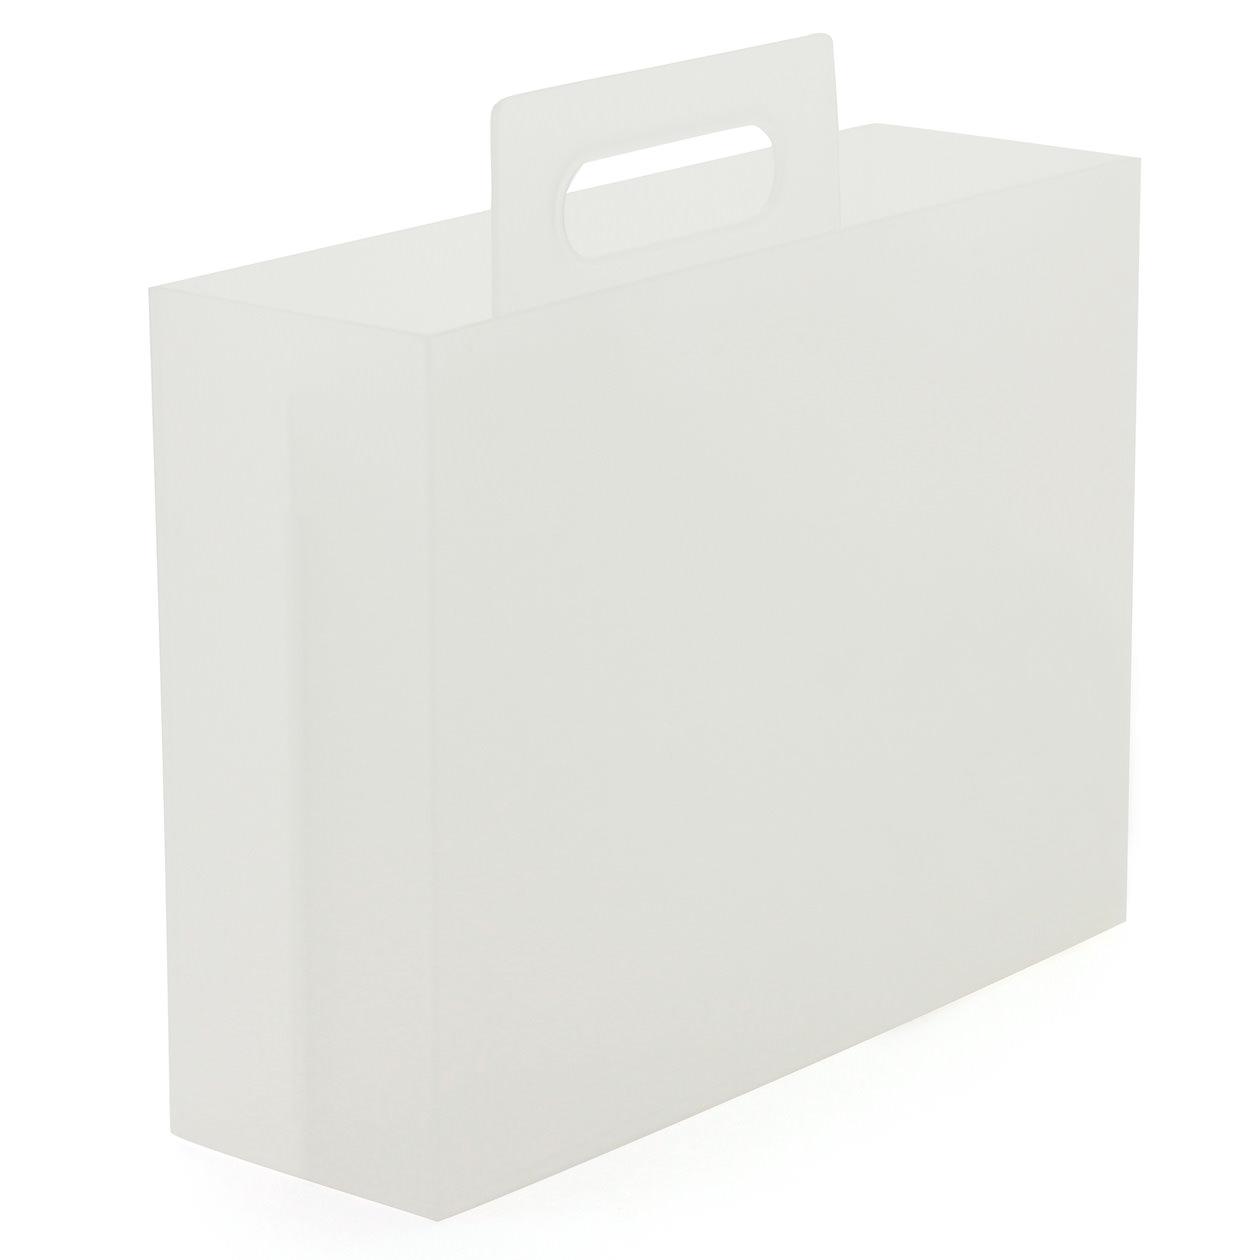 ポリプロピレンメイクボックス・1/2横ハーフ 37495586 無印良品